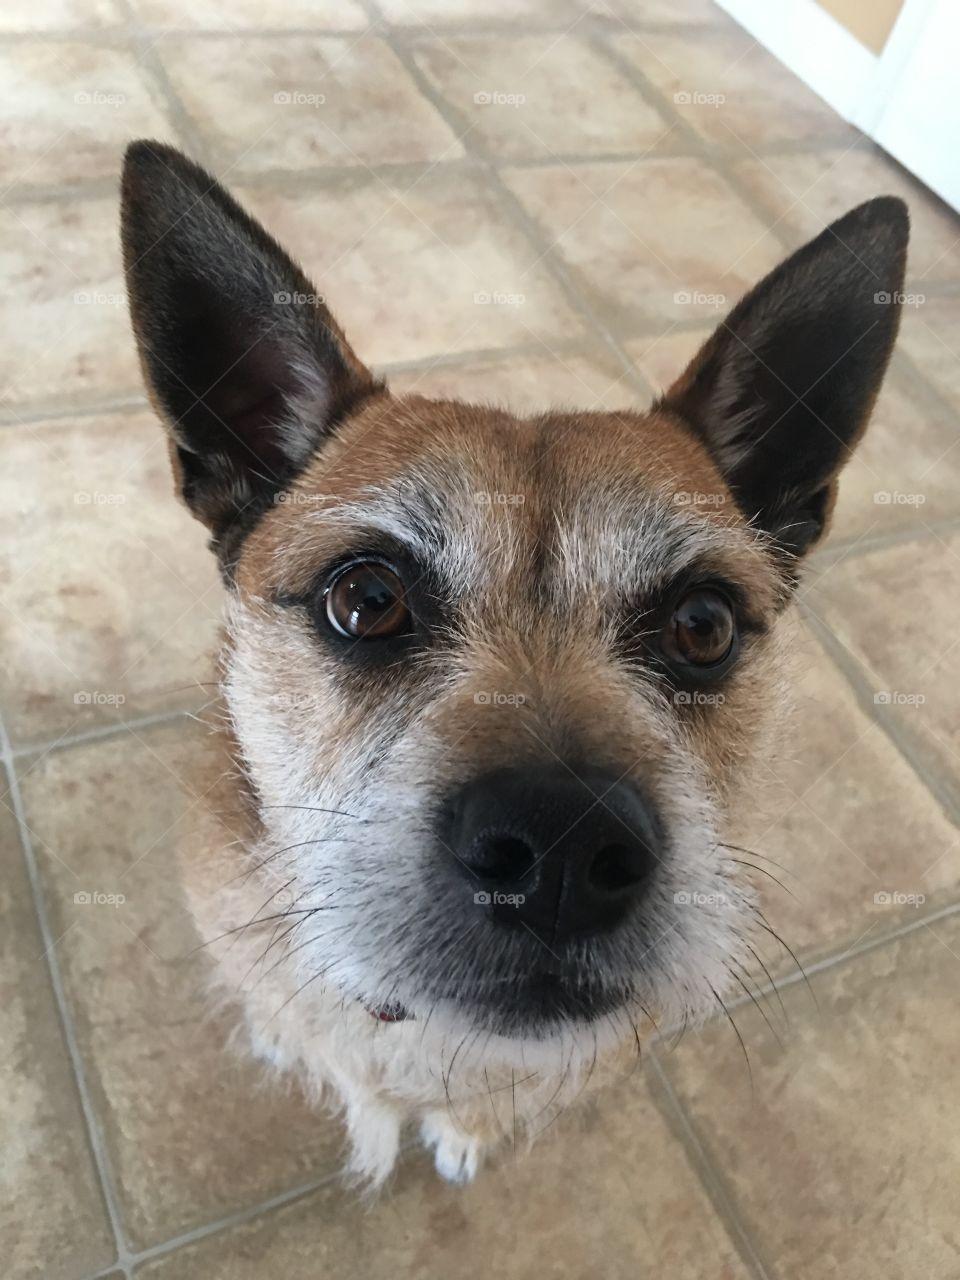 Looking down at my cute puppy dog Dog looking up at camera